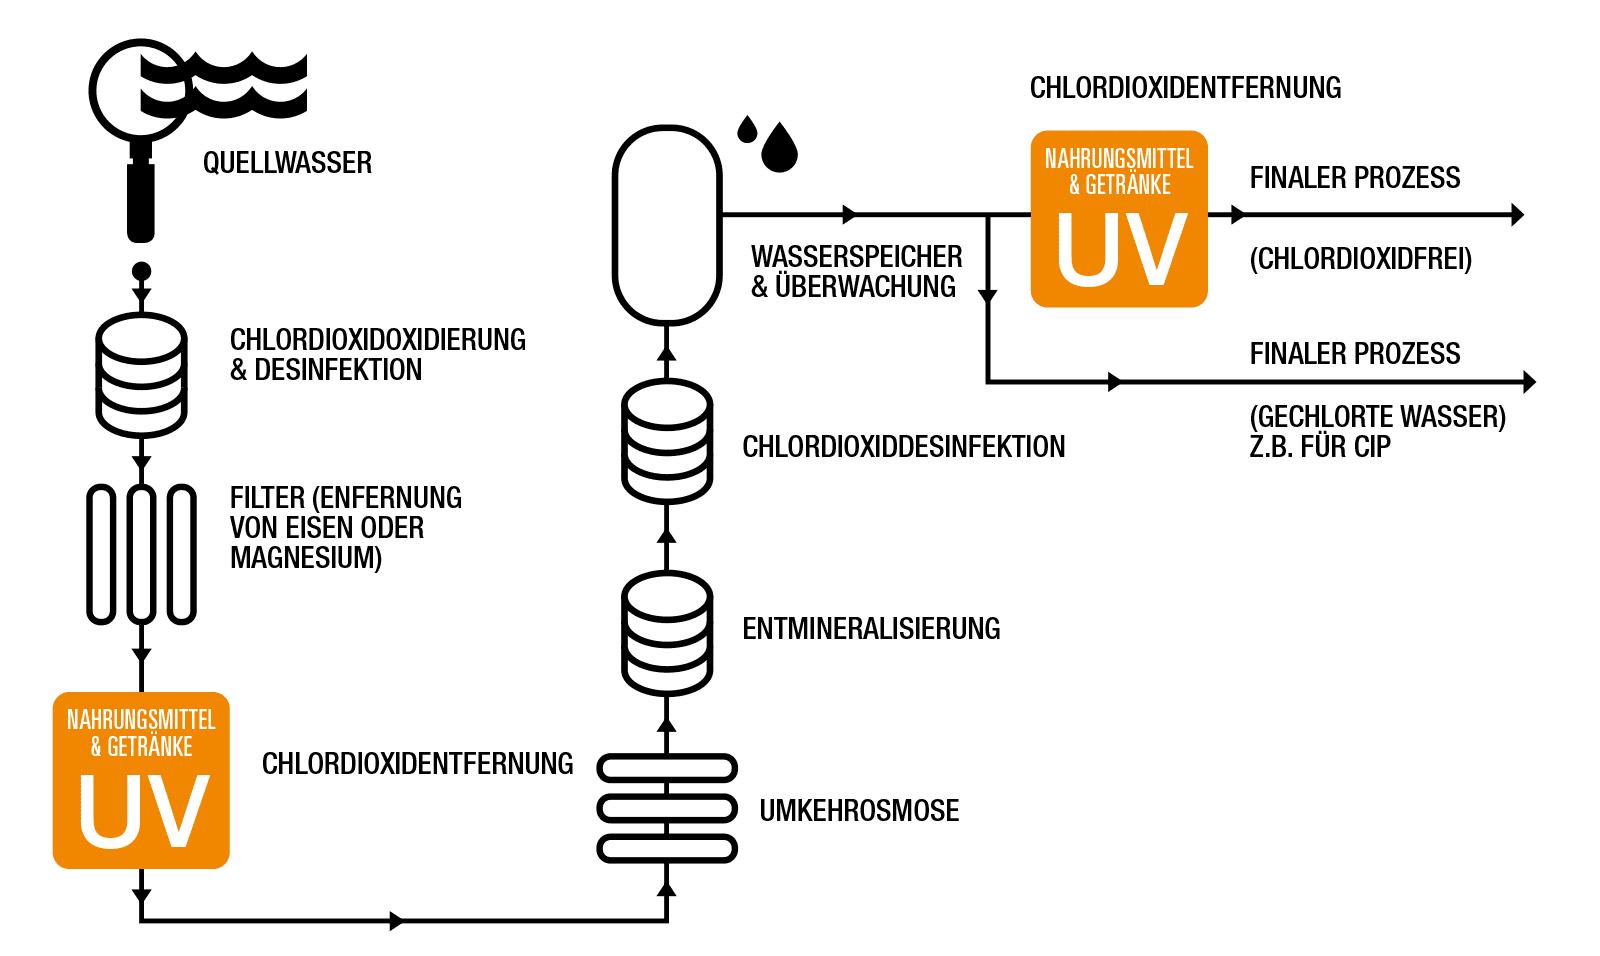 Mögliche Anordnung von UV-Systemen in einem typischen Lebensmittel- und Getränkewassersystem.